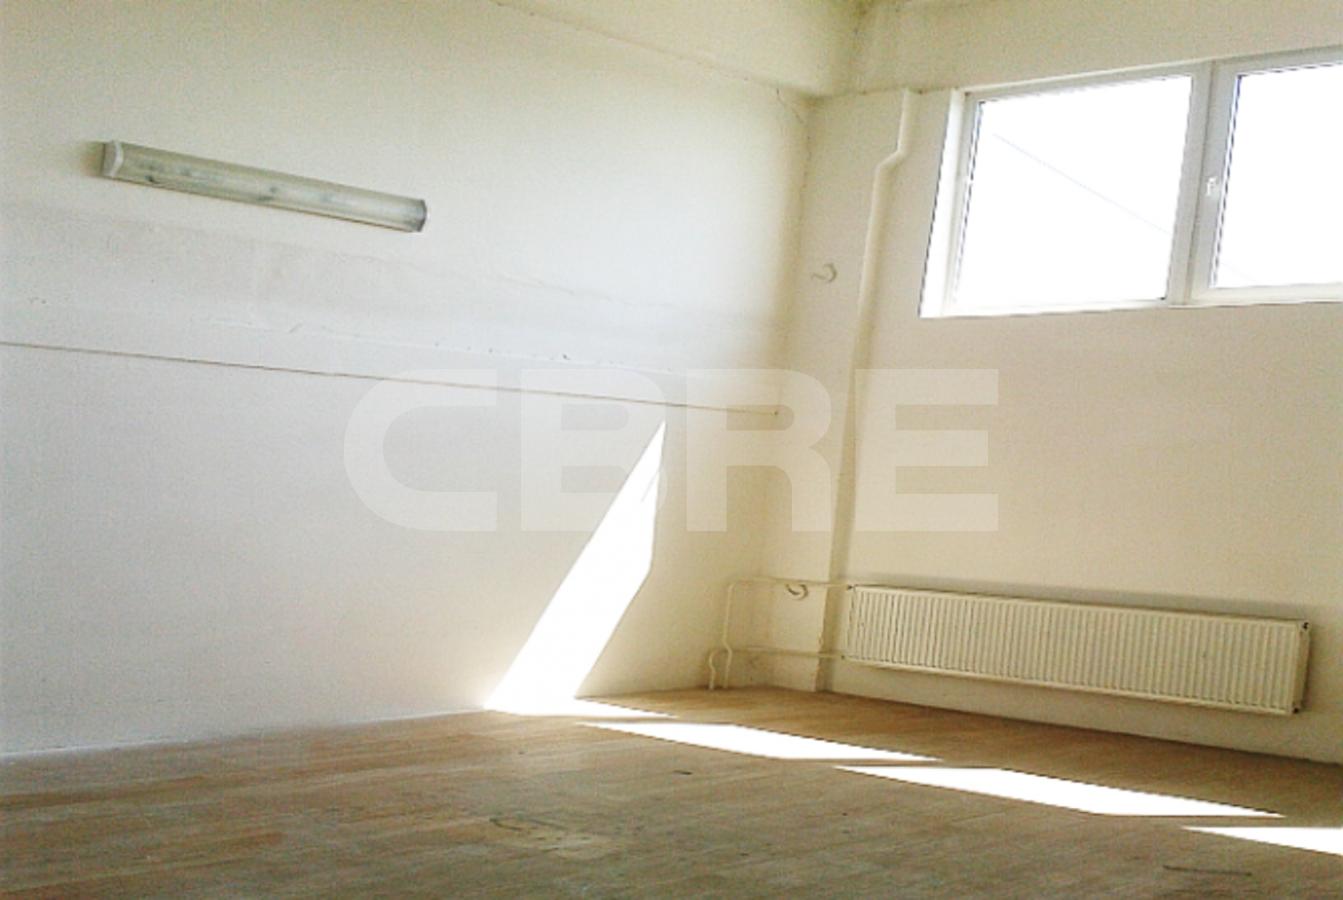 Stará Vajnorská, Bratislava III - 1626 m2, Bratislavský kraj, Bratislava | Prenájom a predaj skladov a výrobných hál od CBRE | 2